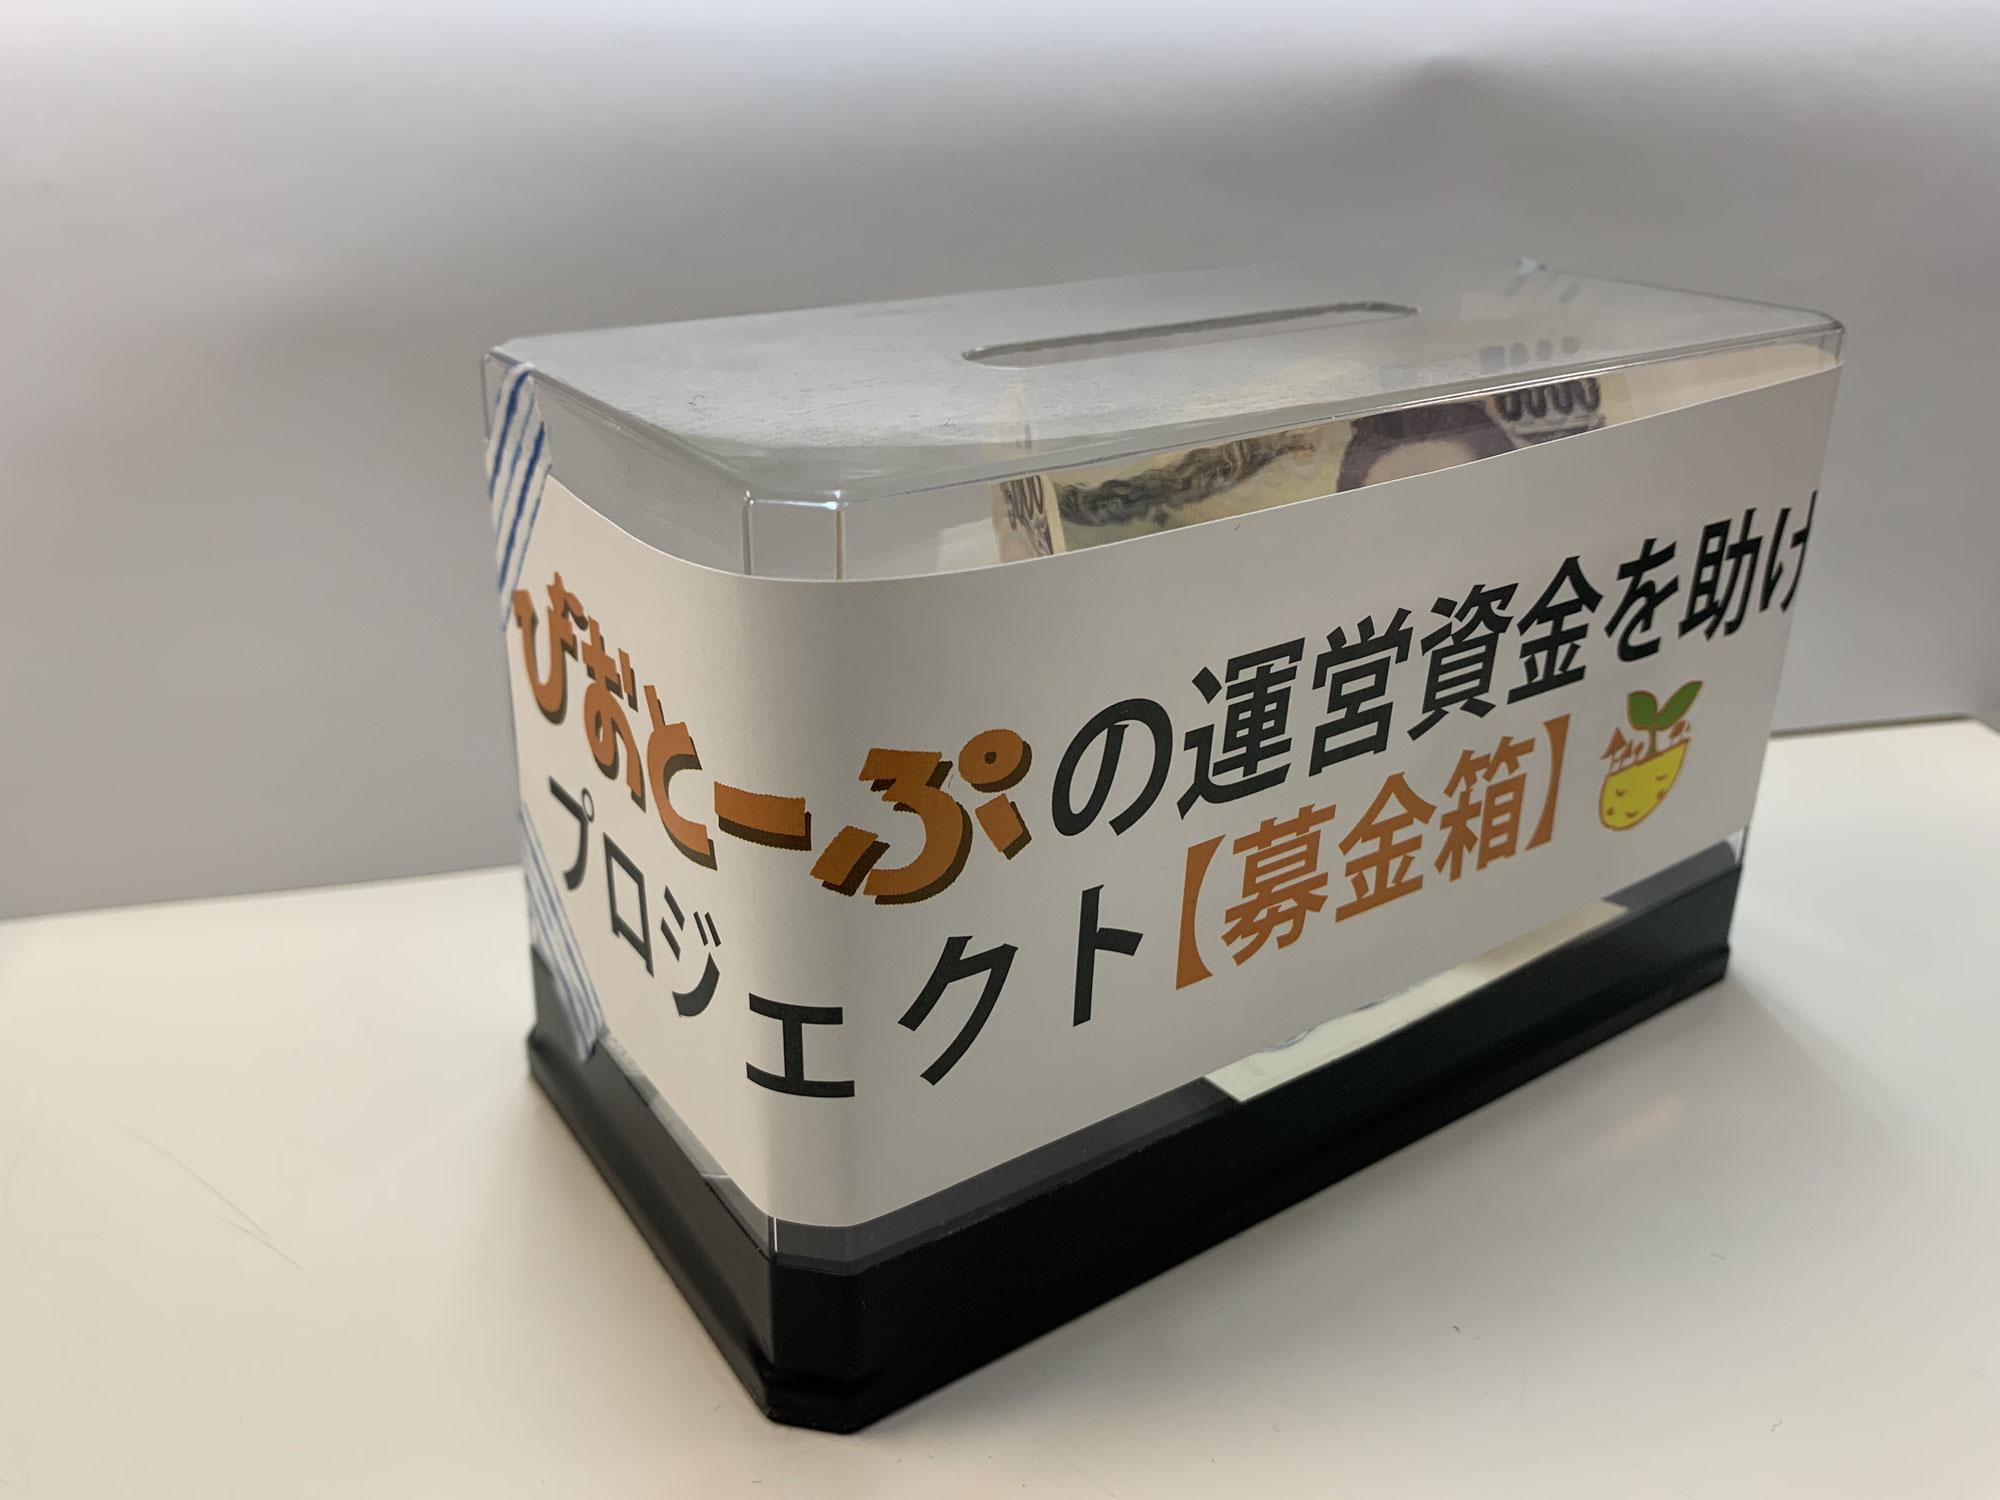 【びおとーぷの運営資金を助けてもらうプロジェクト】開始!